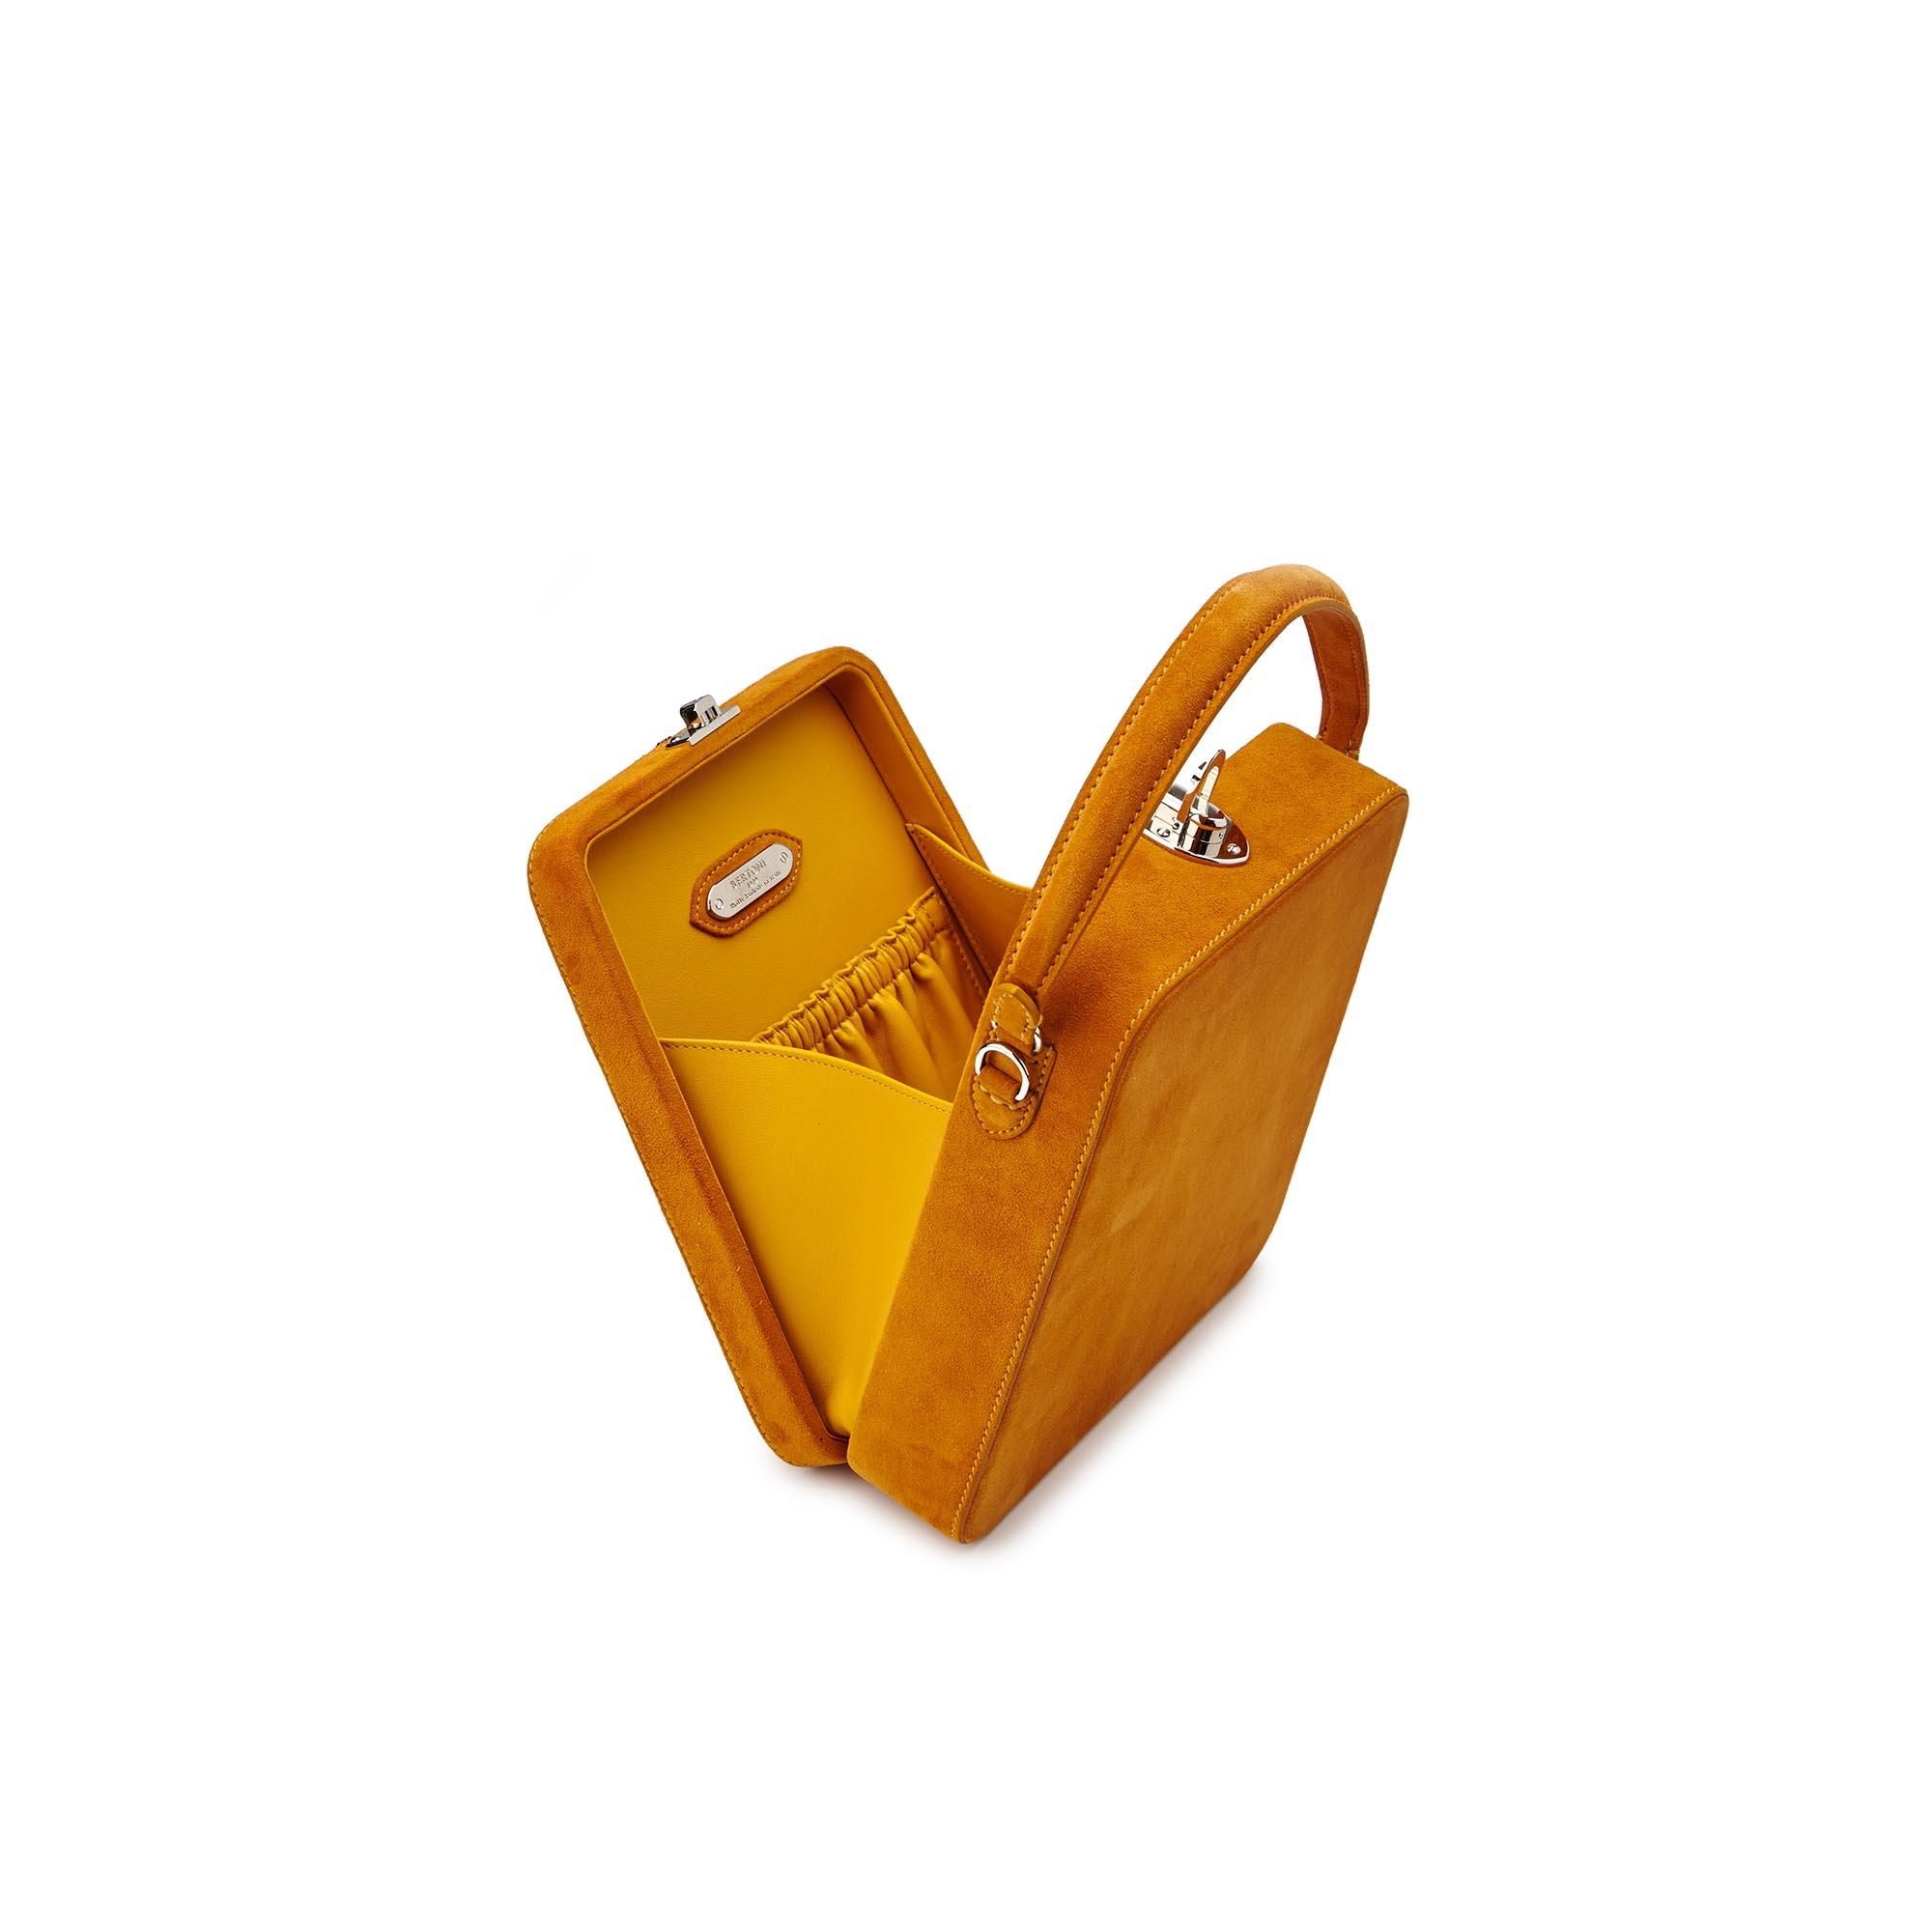 Tall-Bertoncina-mustard-suede-bag-Bertoni-1949_03